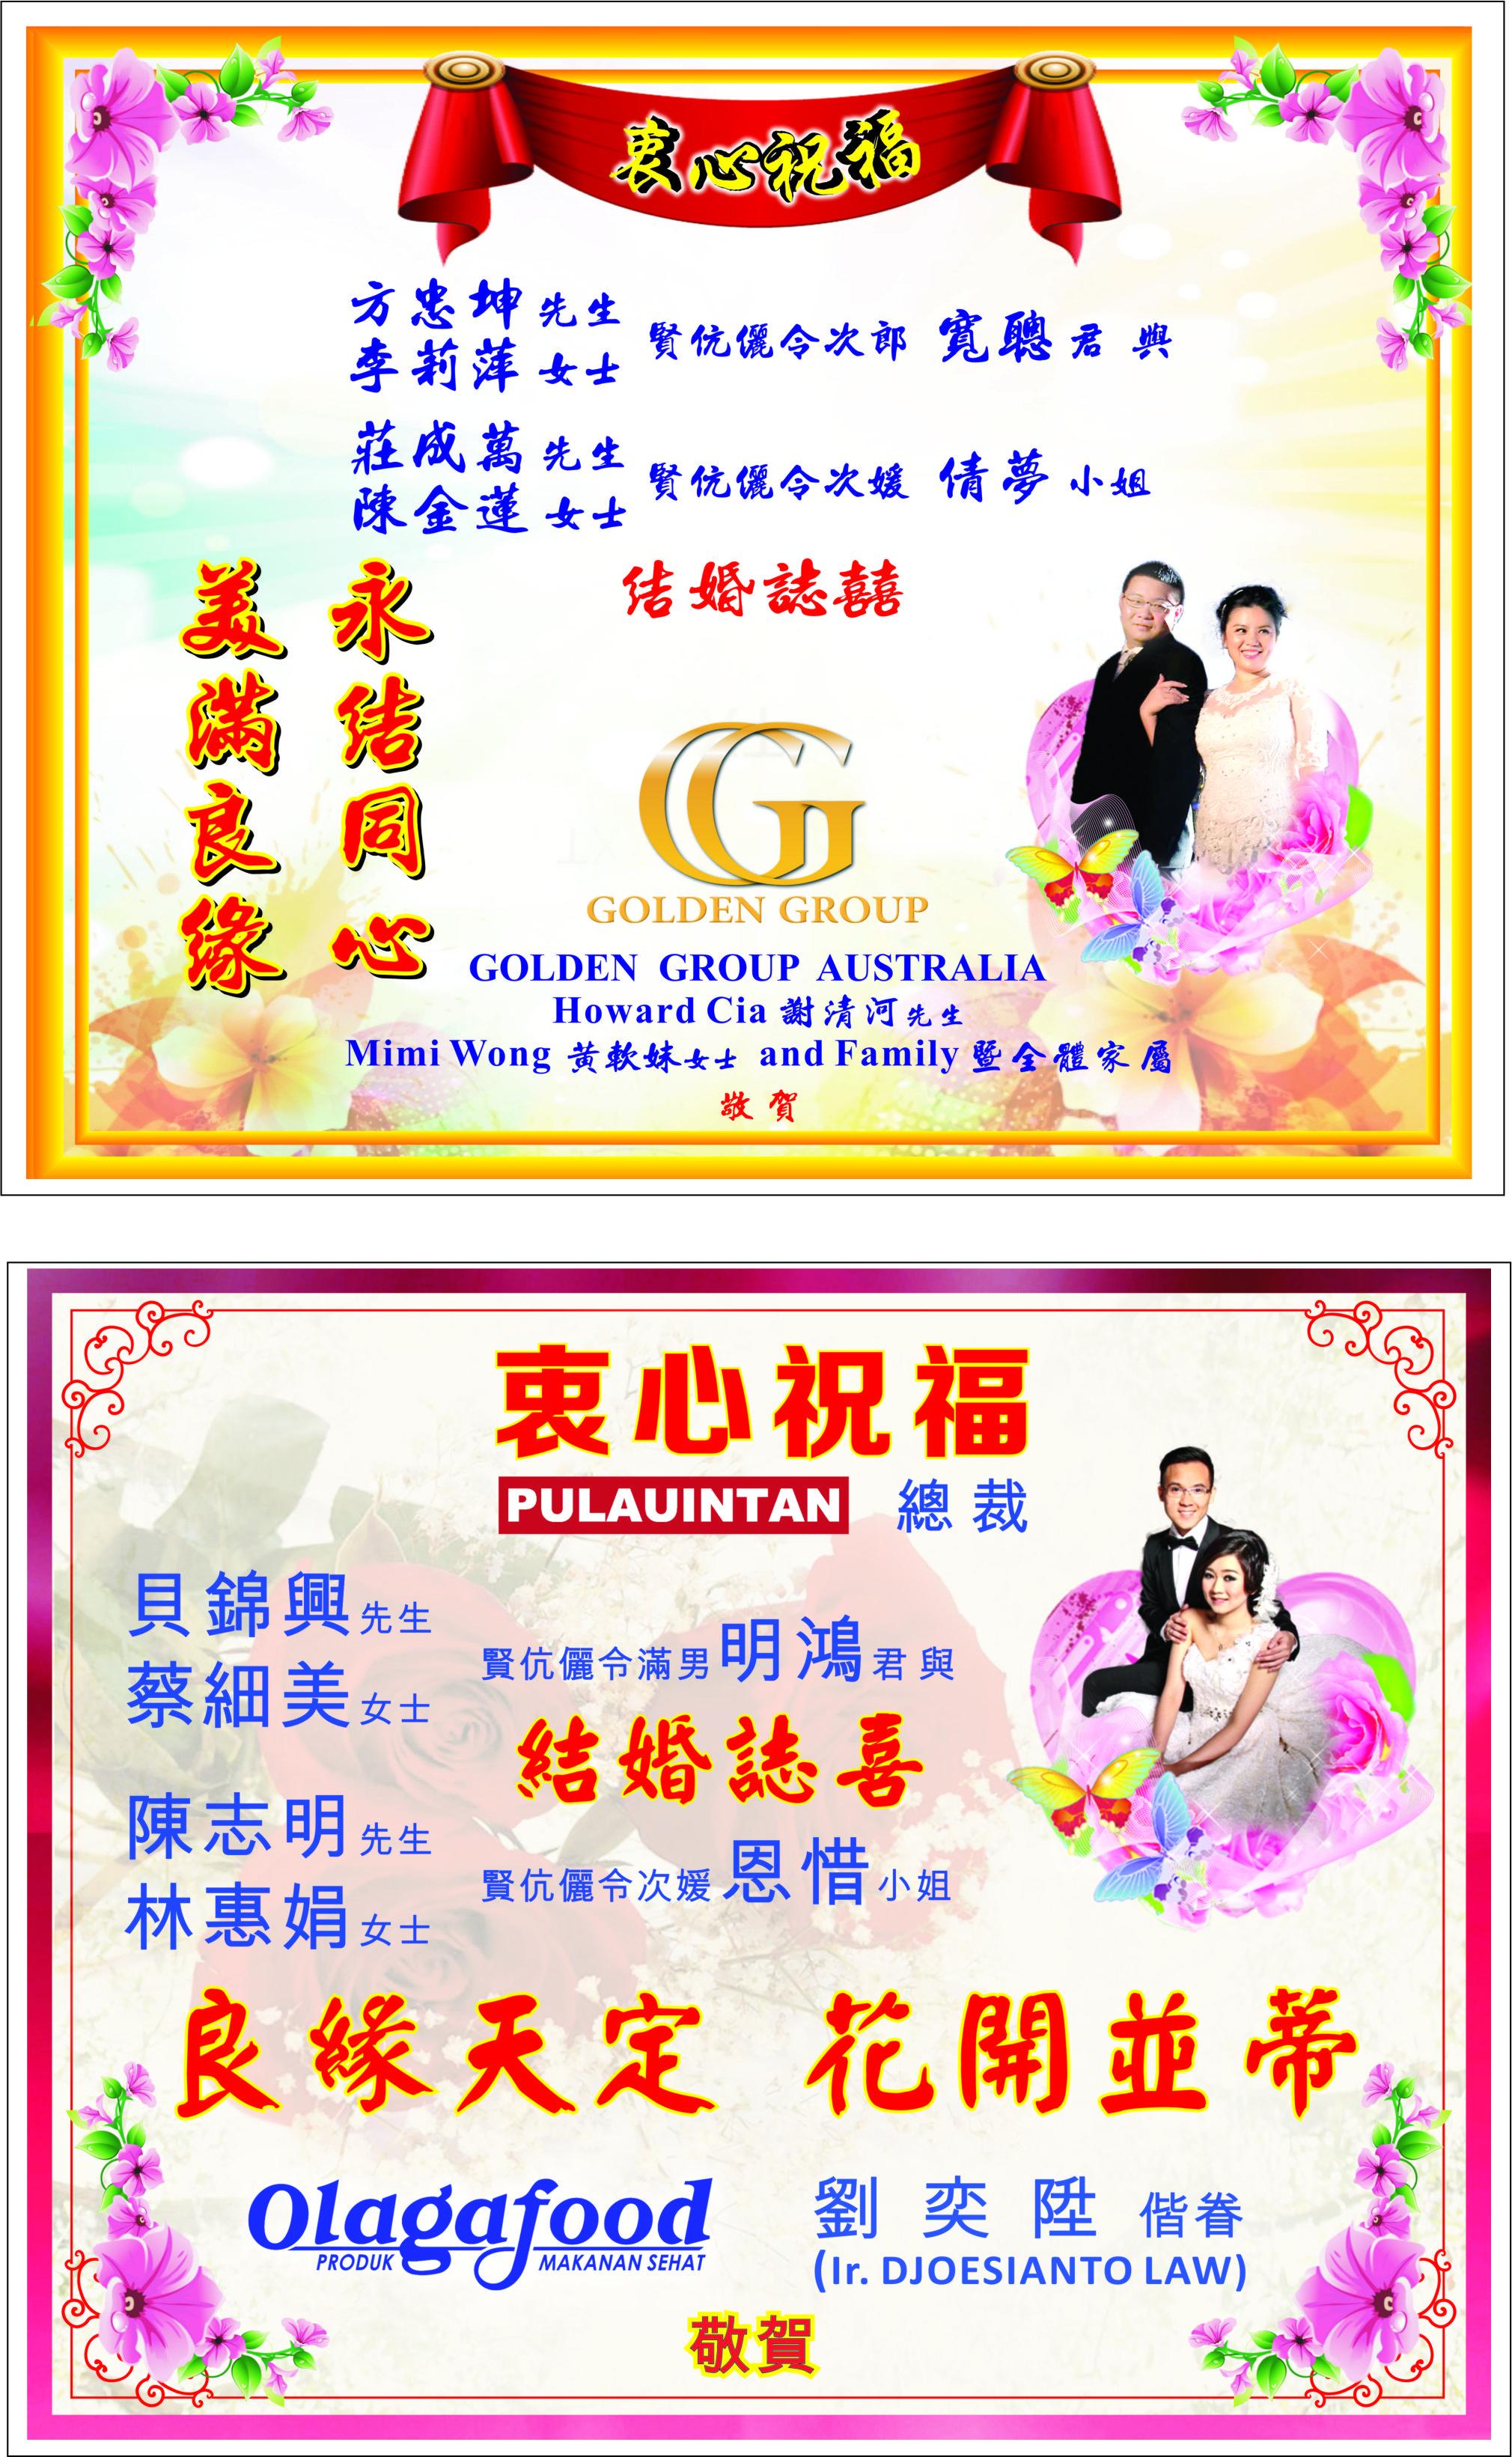 Pasang Iklan Ucapan Selamat di Koran Mandarin